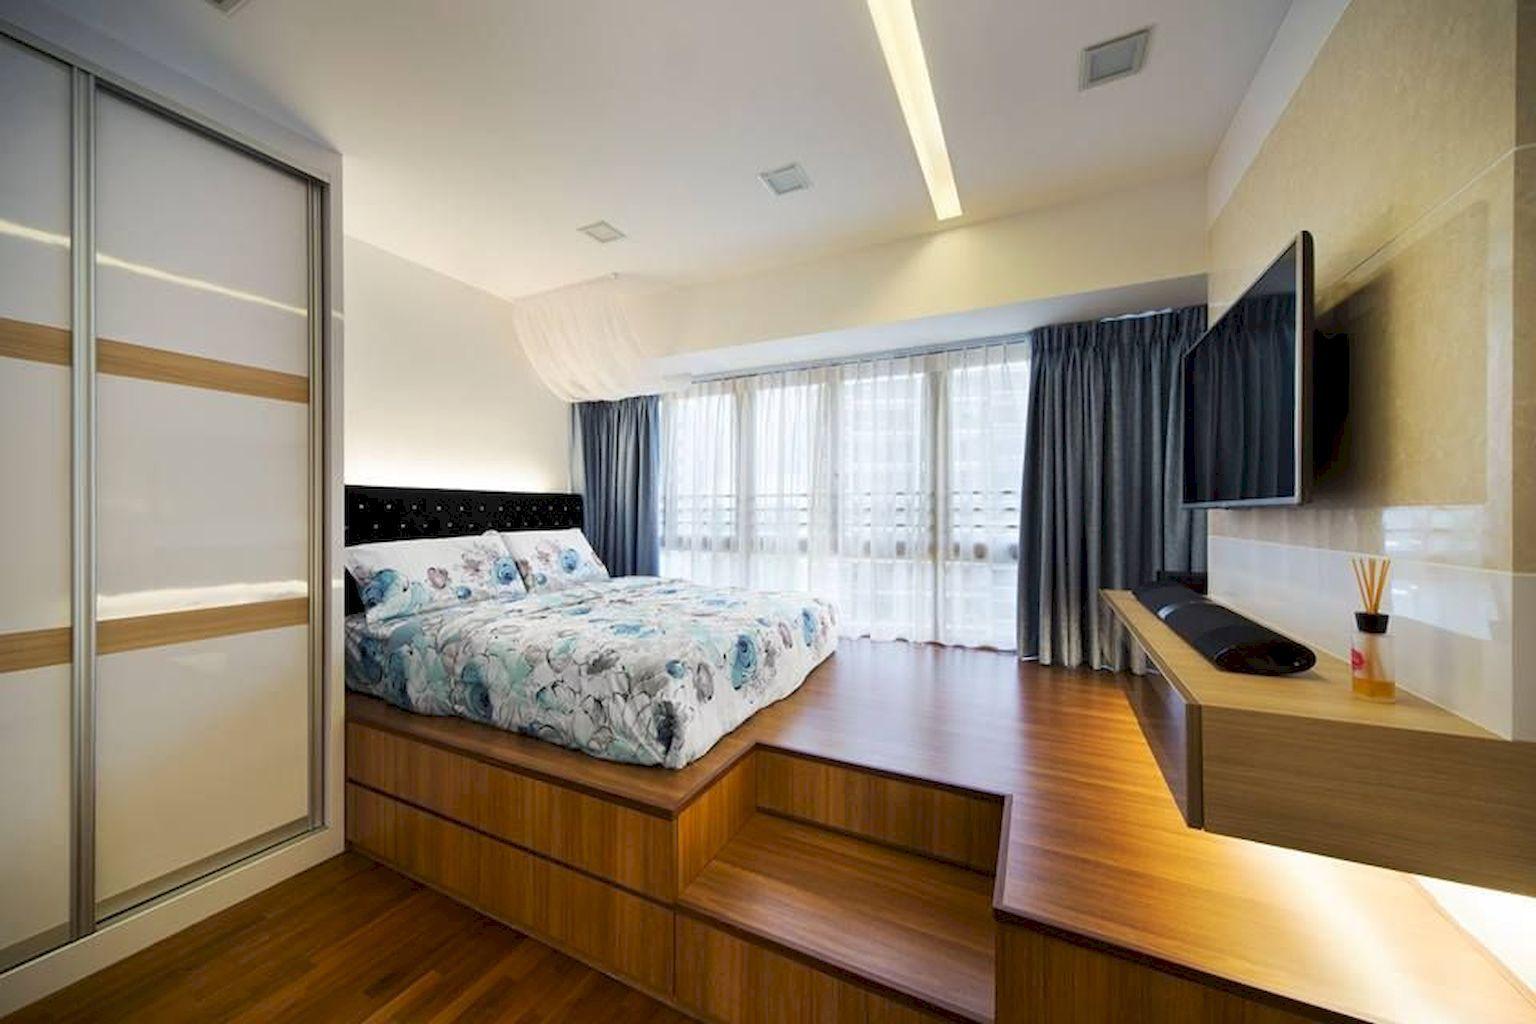 3 window bedroom ideas   minimalist platform bed design ideas  platform bed designs bed